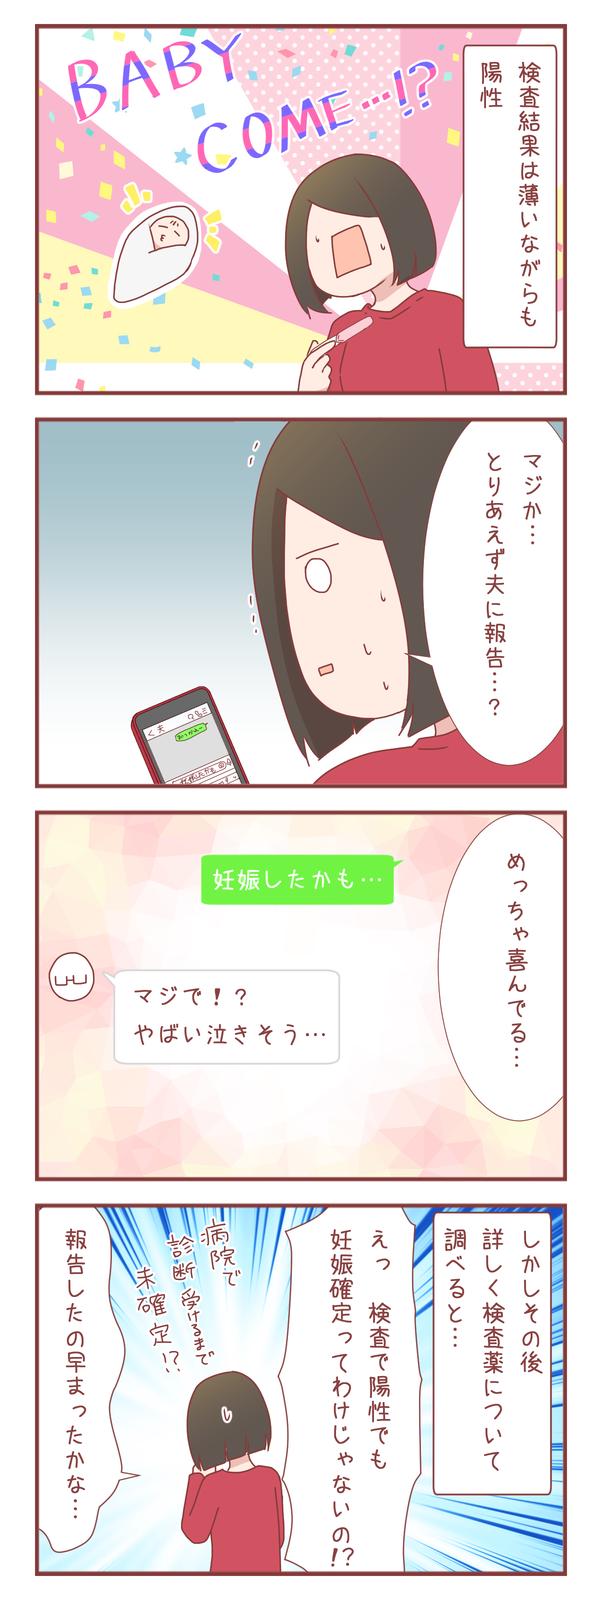 まさかの妊娠疑惑③